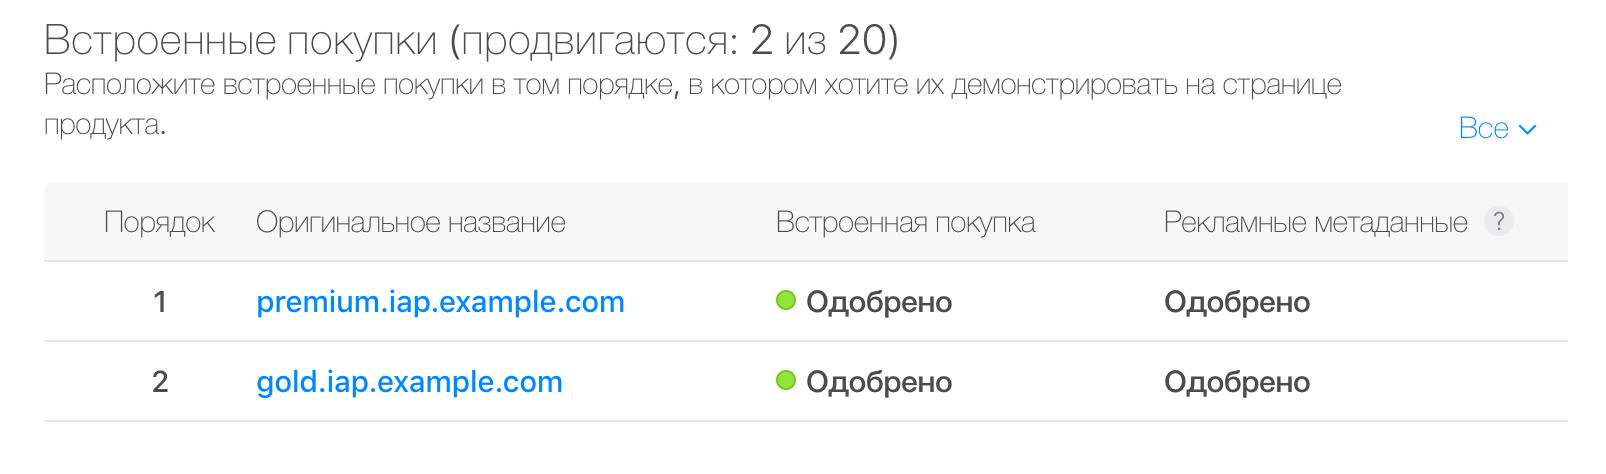 Монетизация приложений в iOS 11: таргетируем встроенные покупки в новом App Store - 2